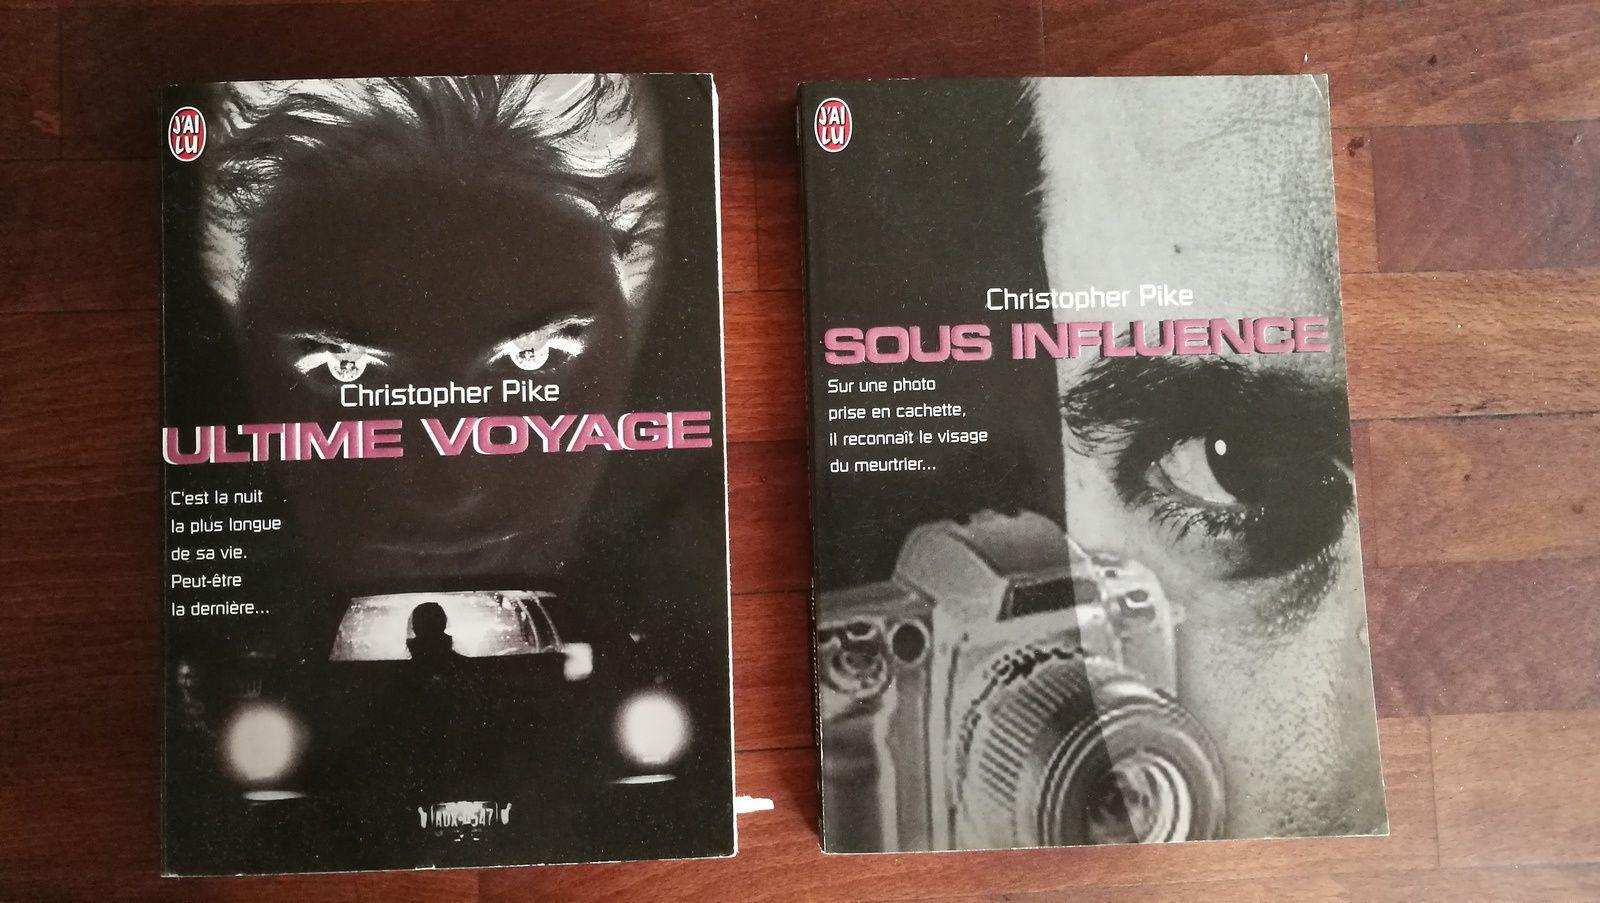 Avec ces derniers achats j'ai dépensé 46,4 euros pour la bibliothèque